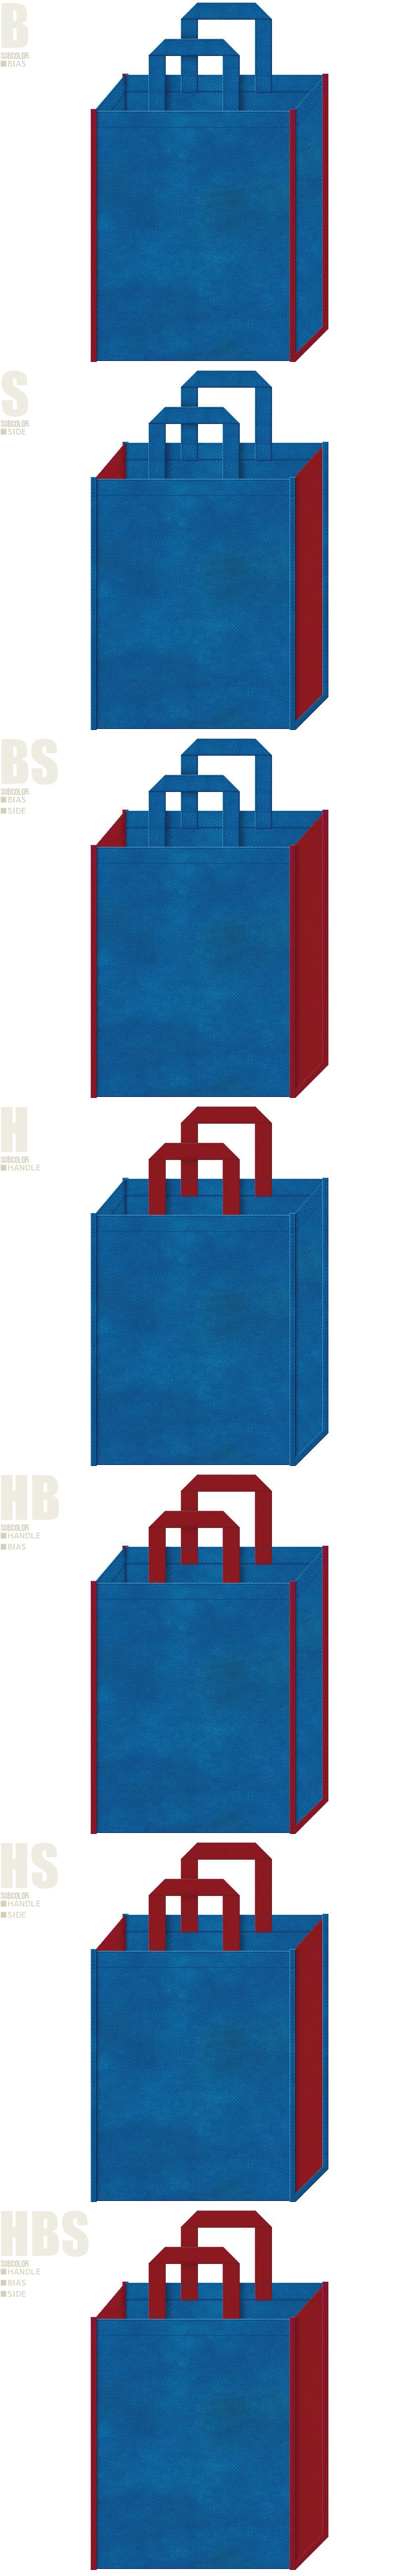 青色とエンジ色の不織布バッグデザイン:配色7パターン